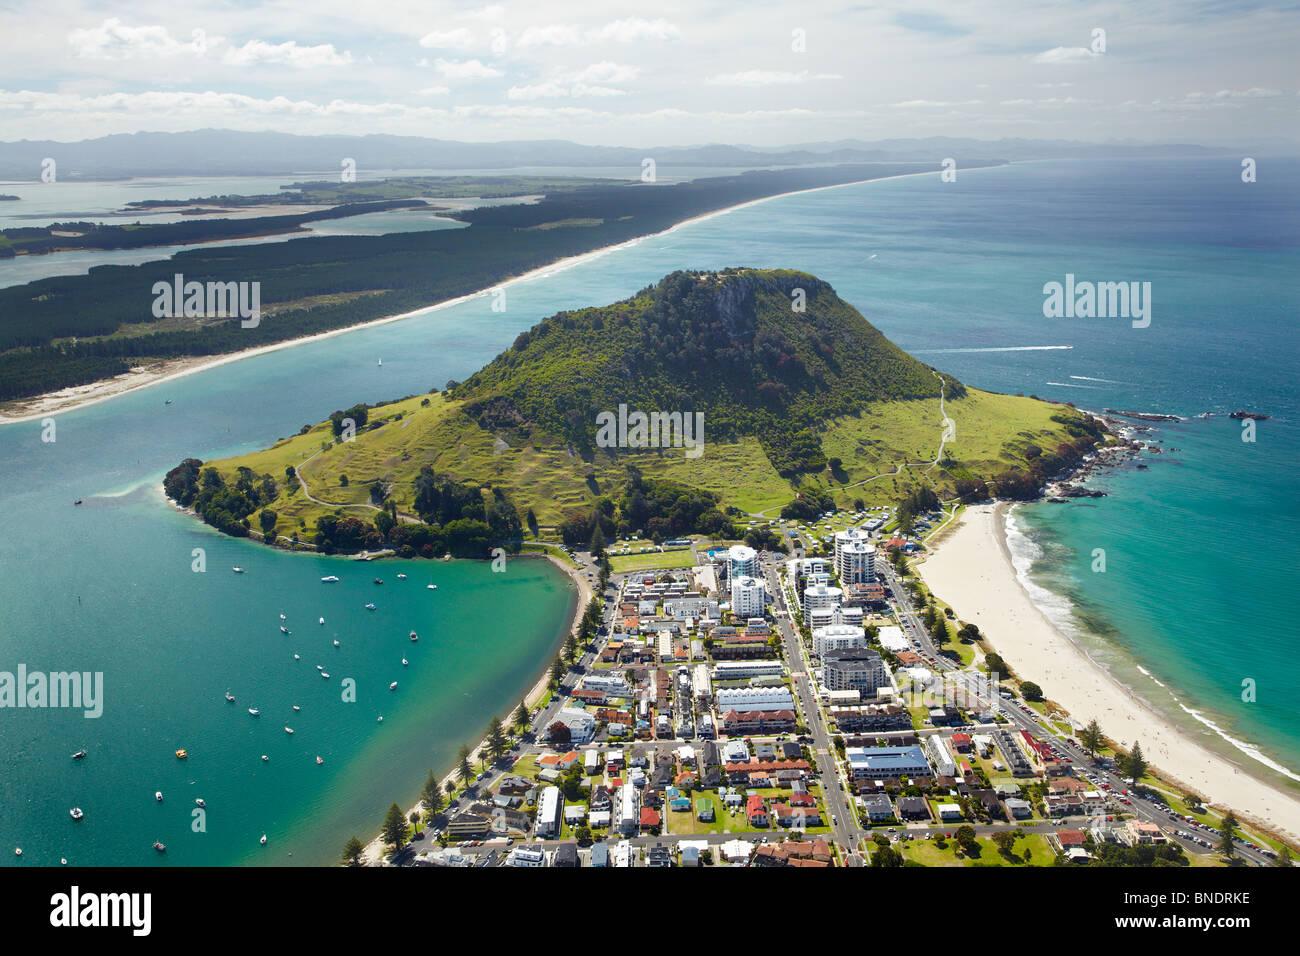 Mount Maunganui, Tauranga, Bay of Plenty, North Island, New Zealand - aerial - Stock Image